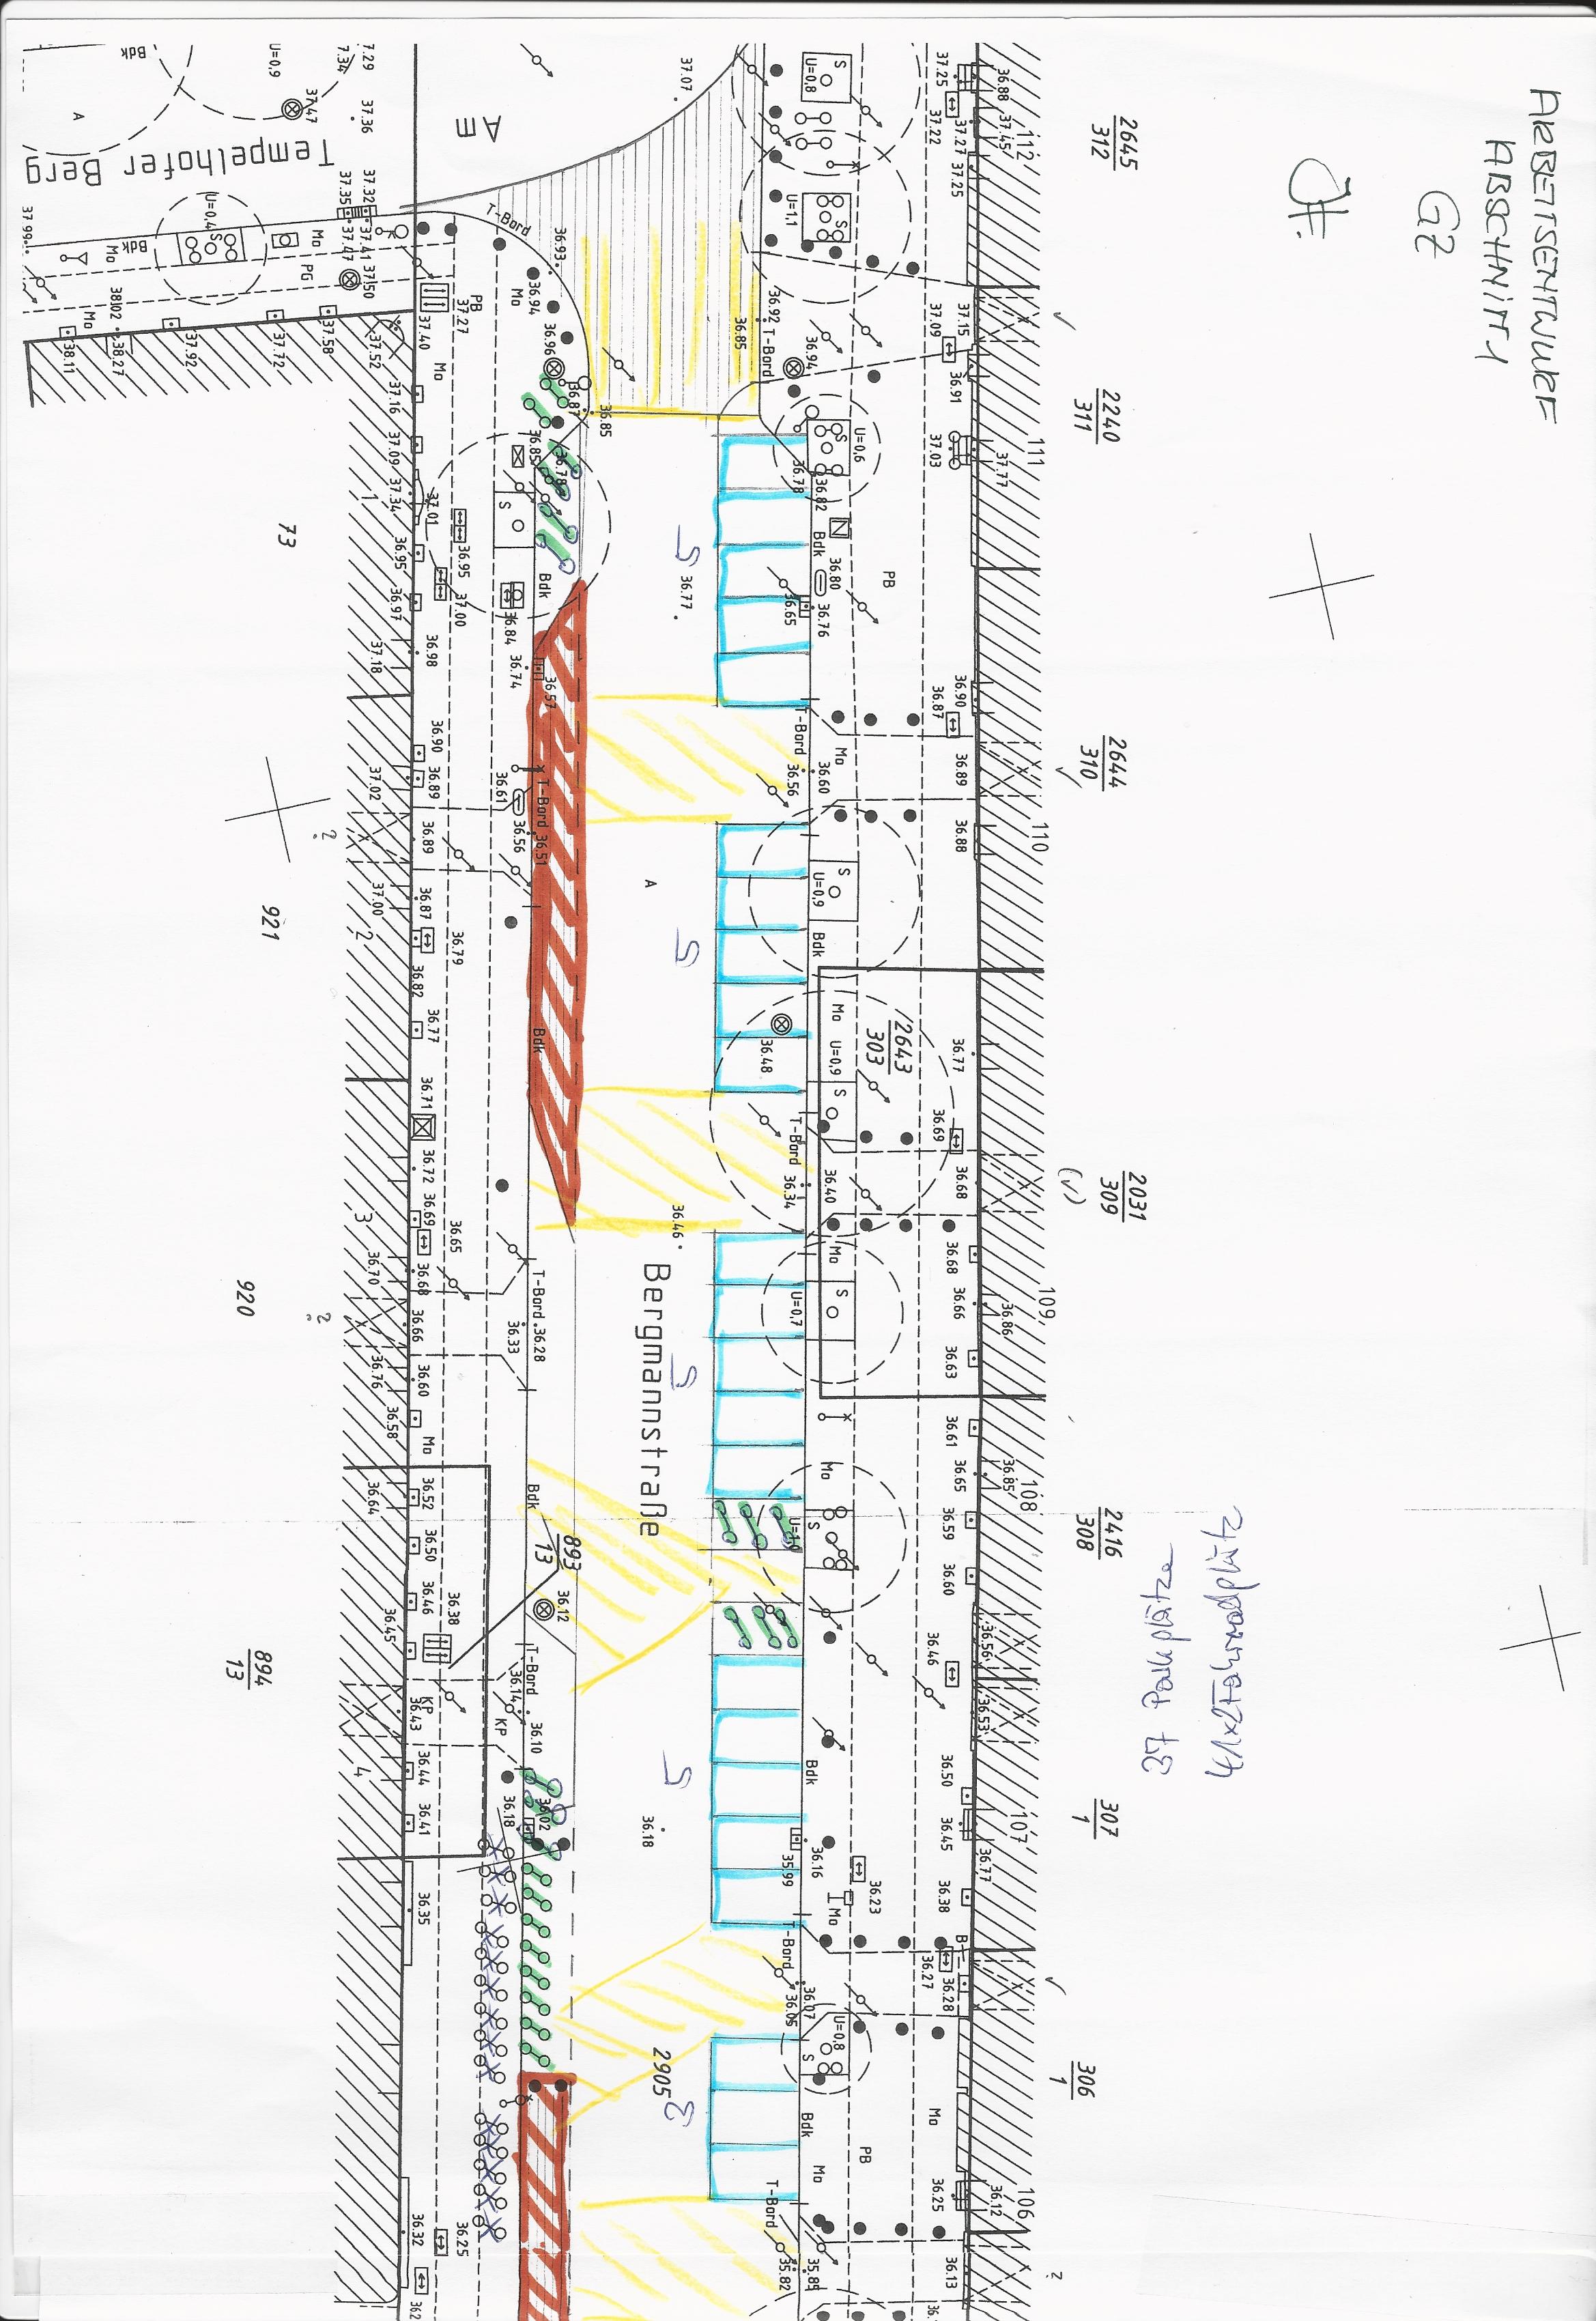 BegegnungBergmann 16234 - J.Fleiner+Skribbel Becker 2v40001